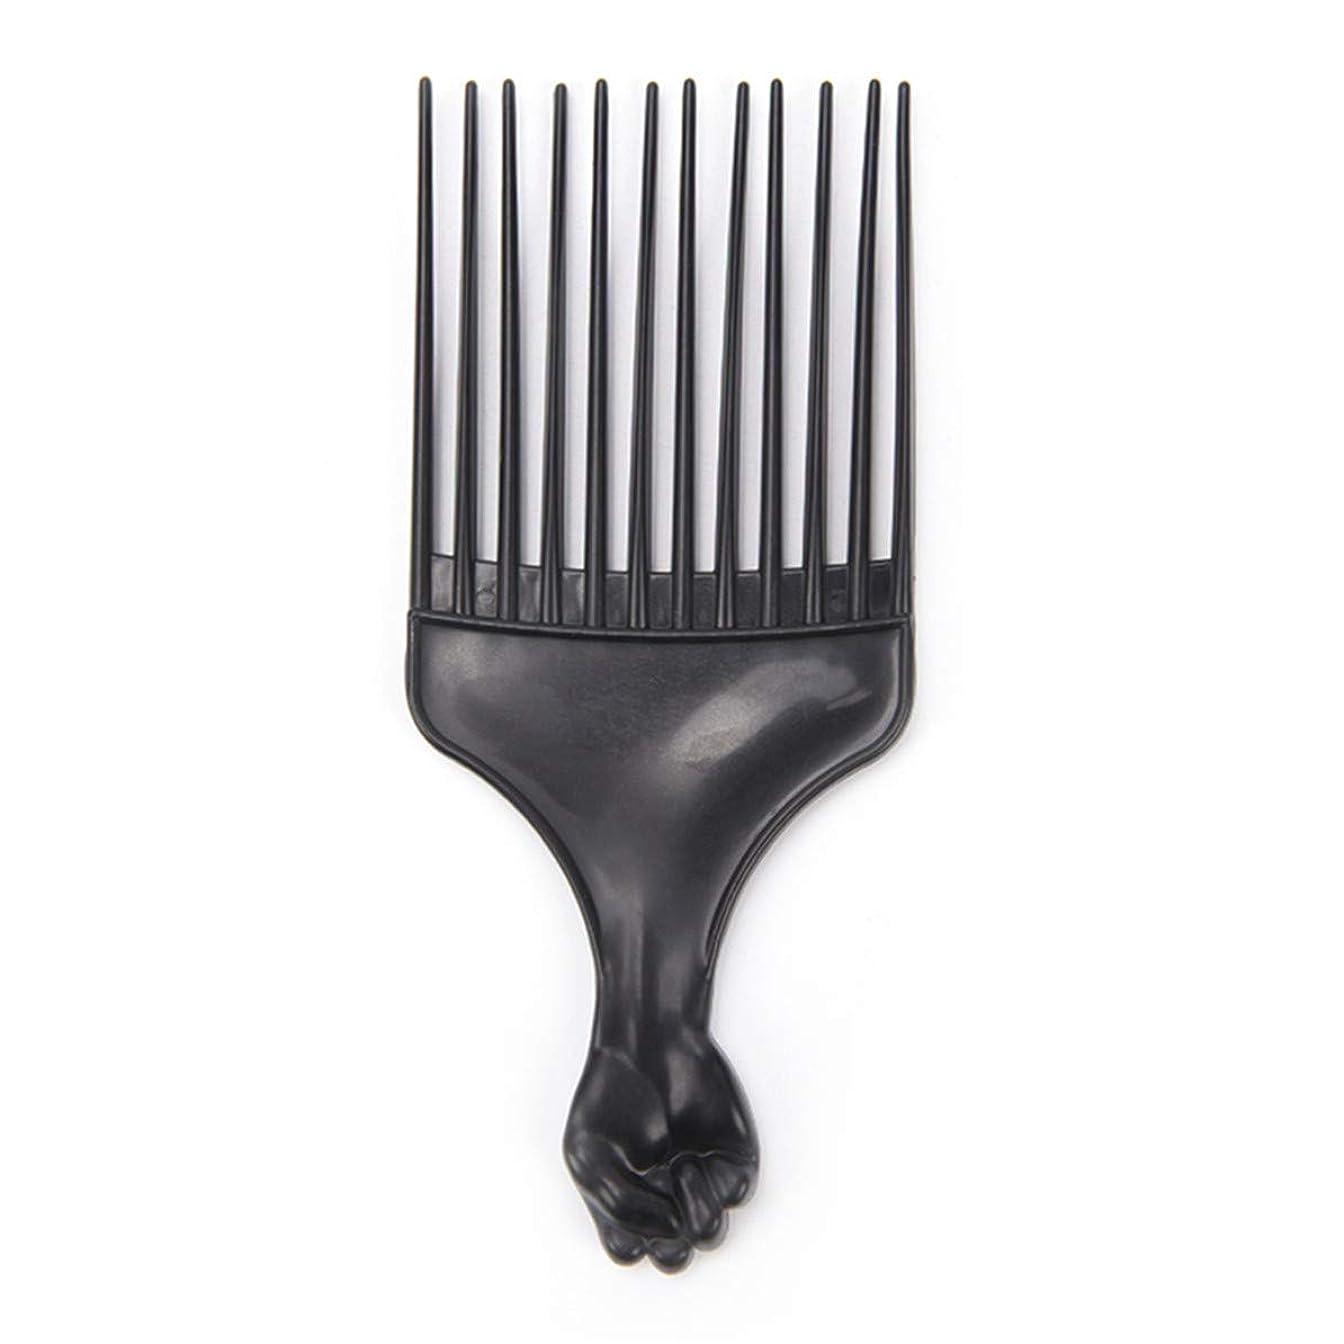 サーバ不毛活気づけるMODMHB ヘアカットコーム 美容 理容 理髪道具 細かい歯 スタイリスト 美容ツール 散髪用 静電気防止 ヘアケア